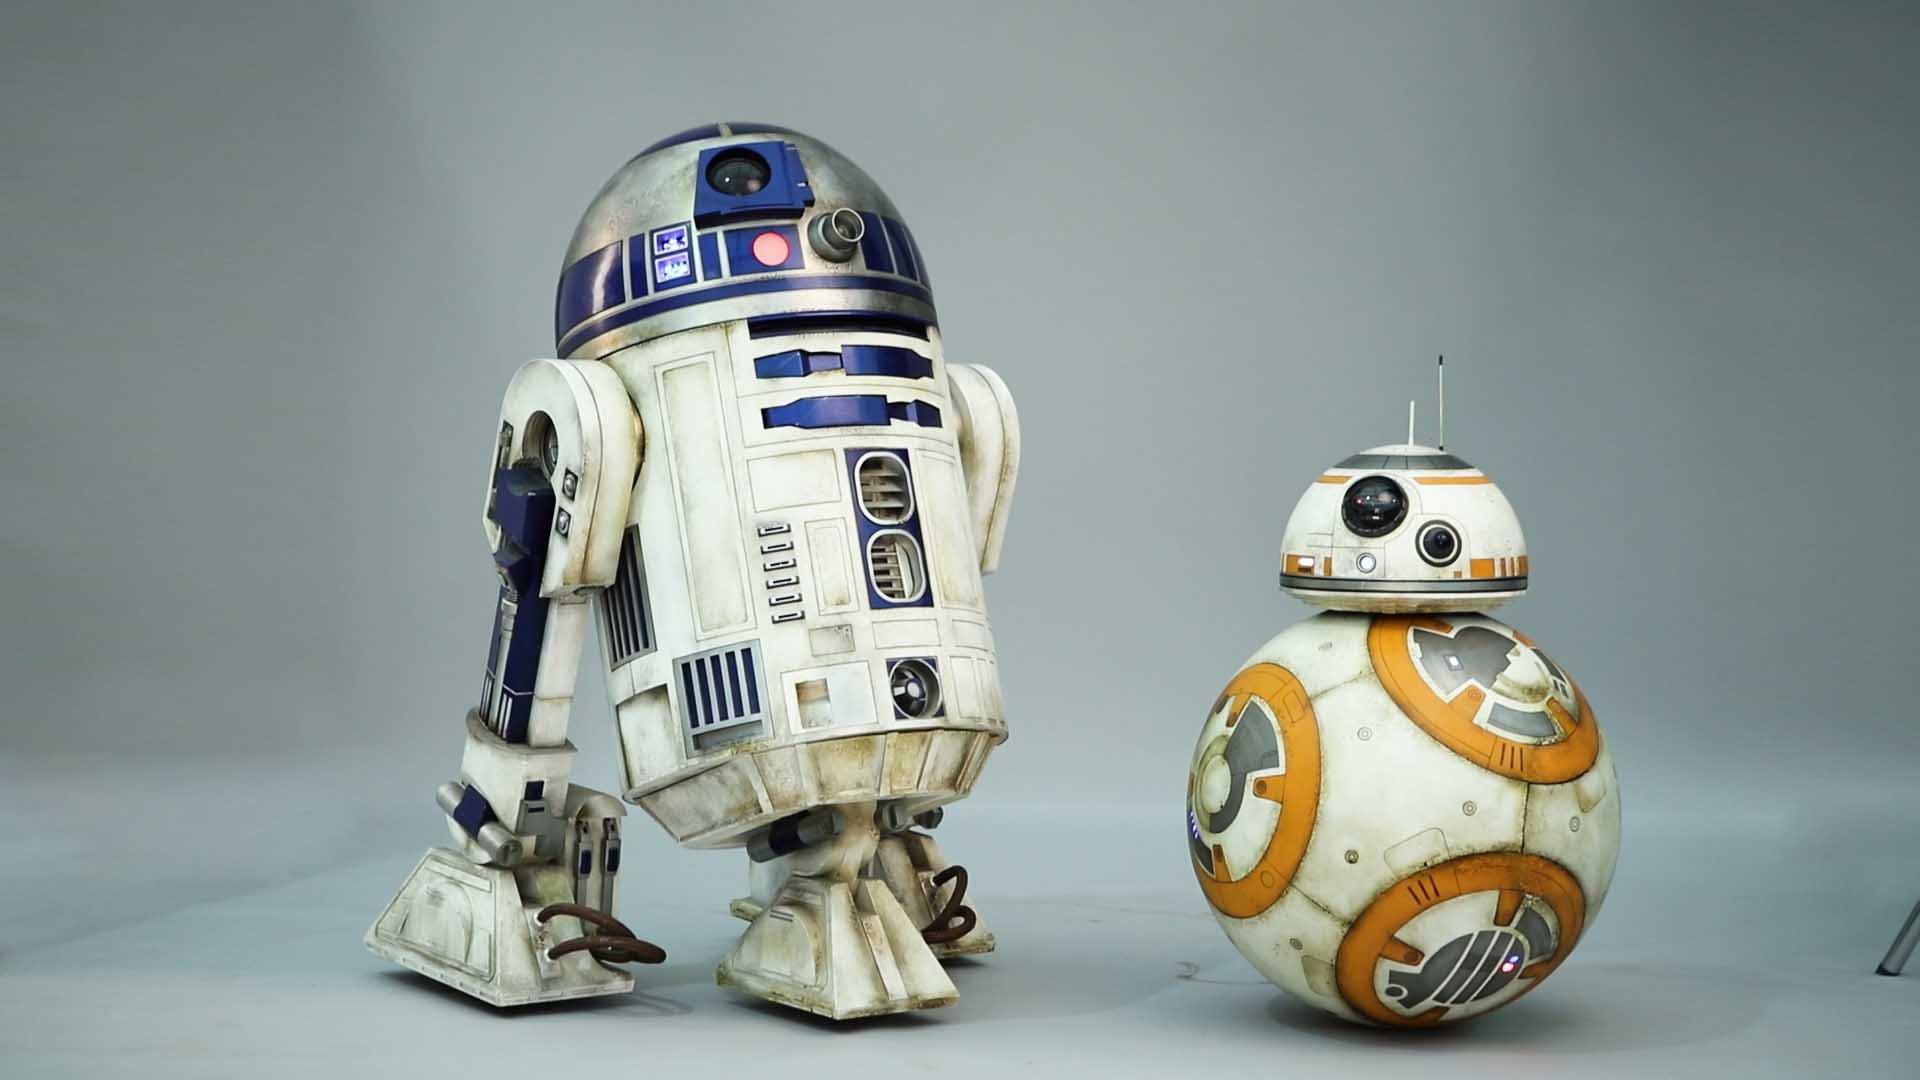 starwars_droids_1920x1080.jpg